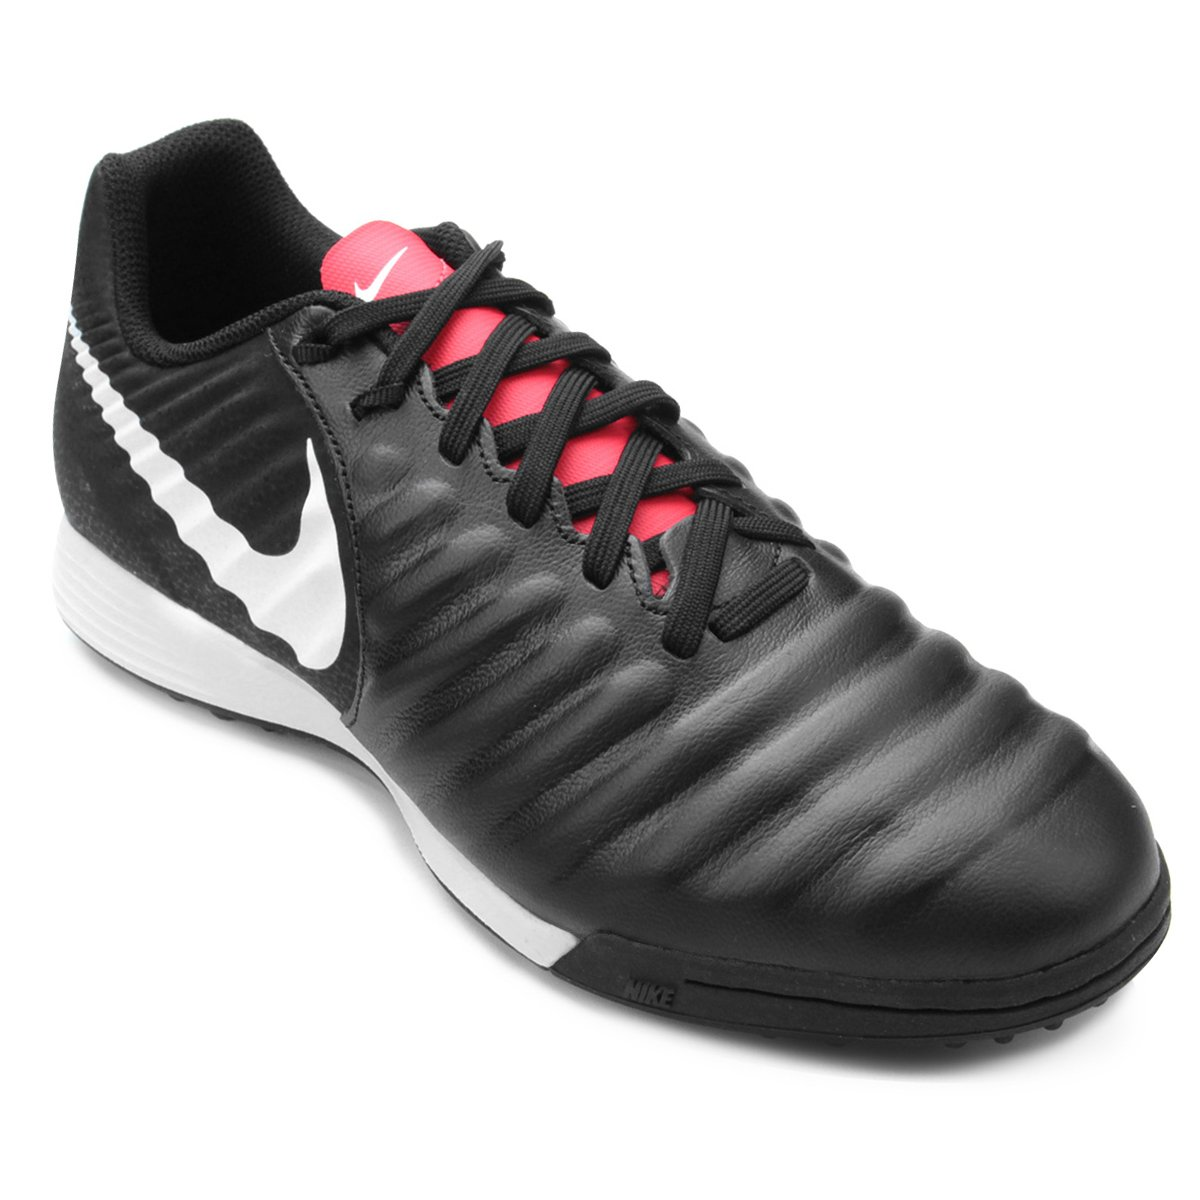 f721257cdf Chuteira Society Nike Tiempo Legend 7 Academy TF - Preto - Compre ...